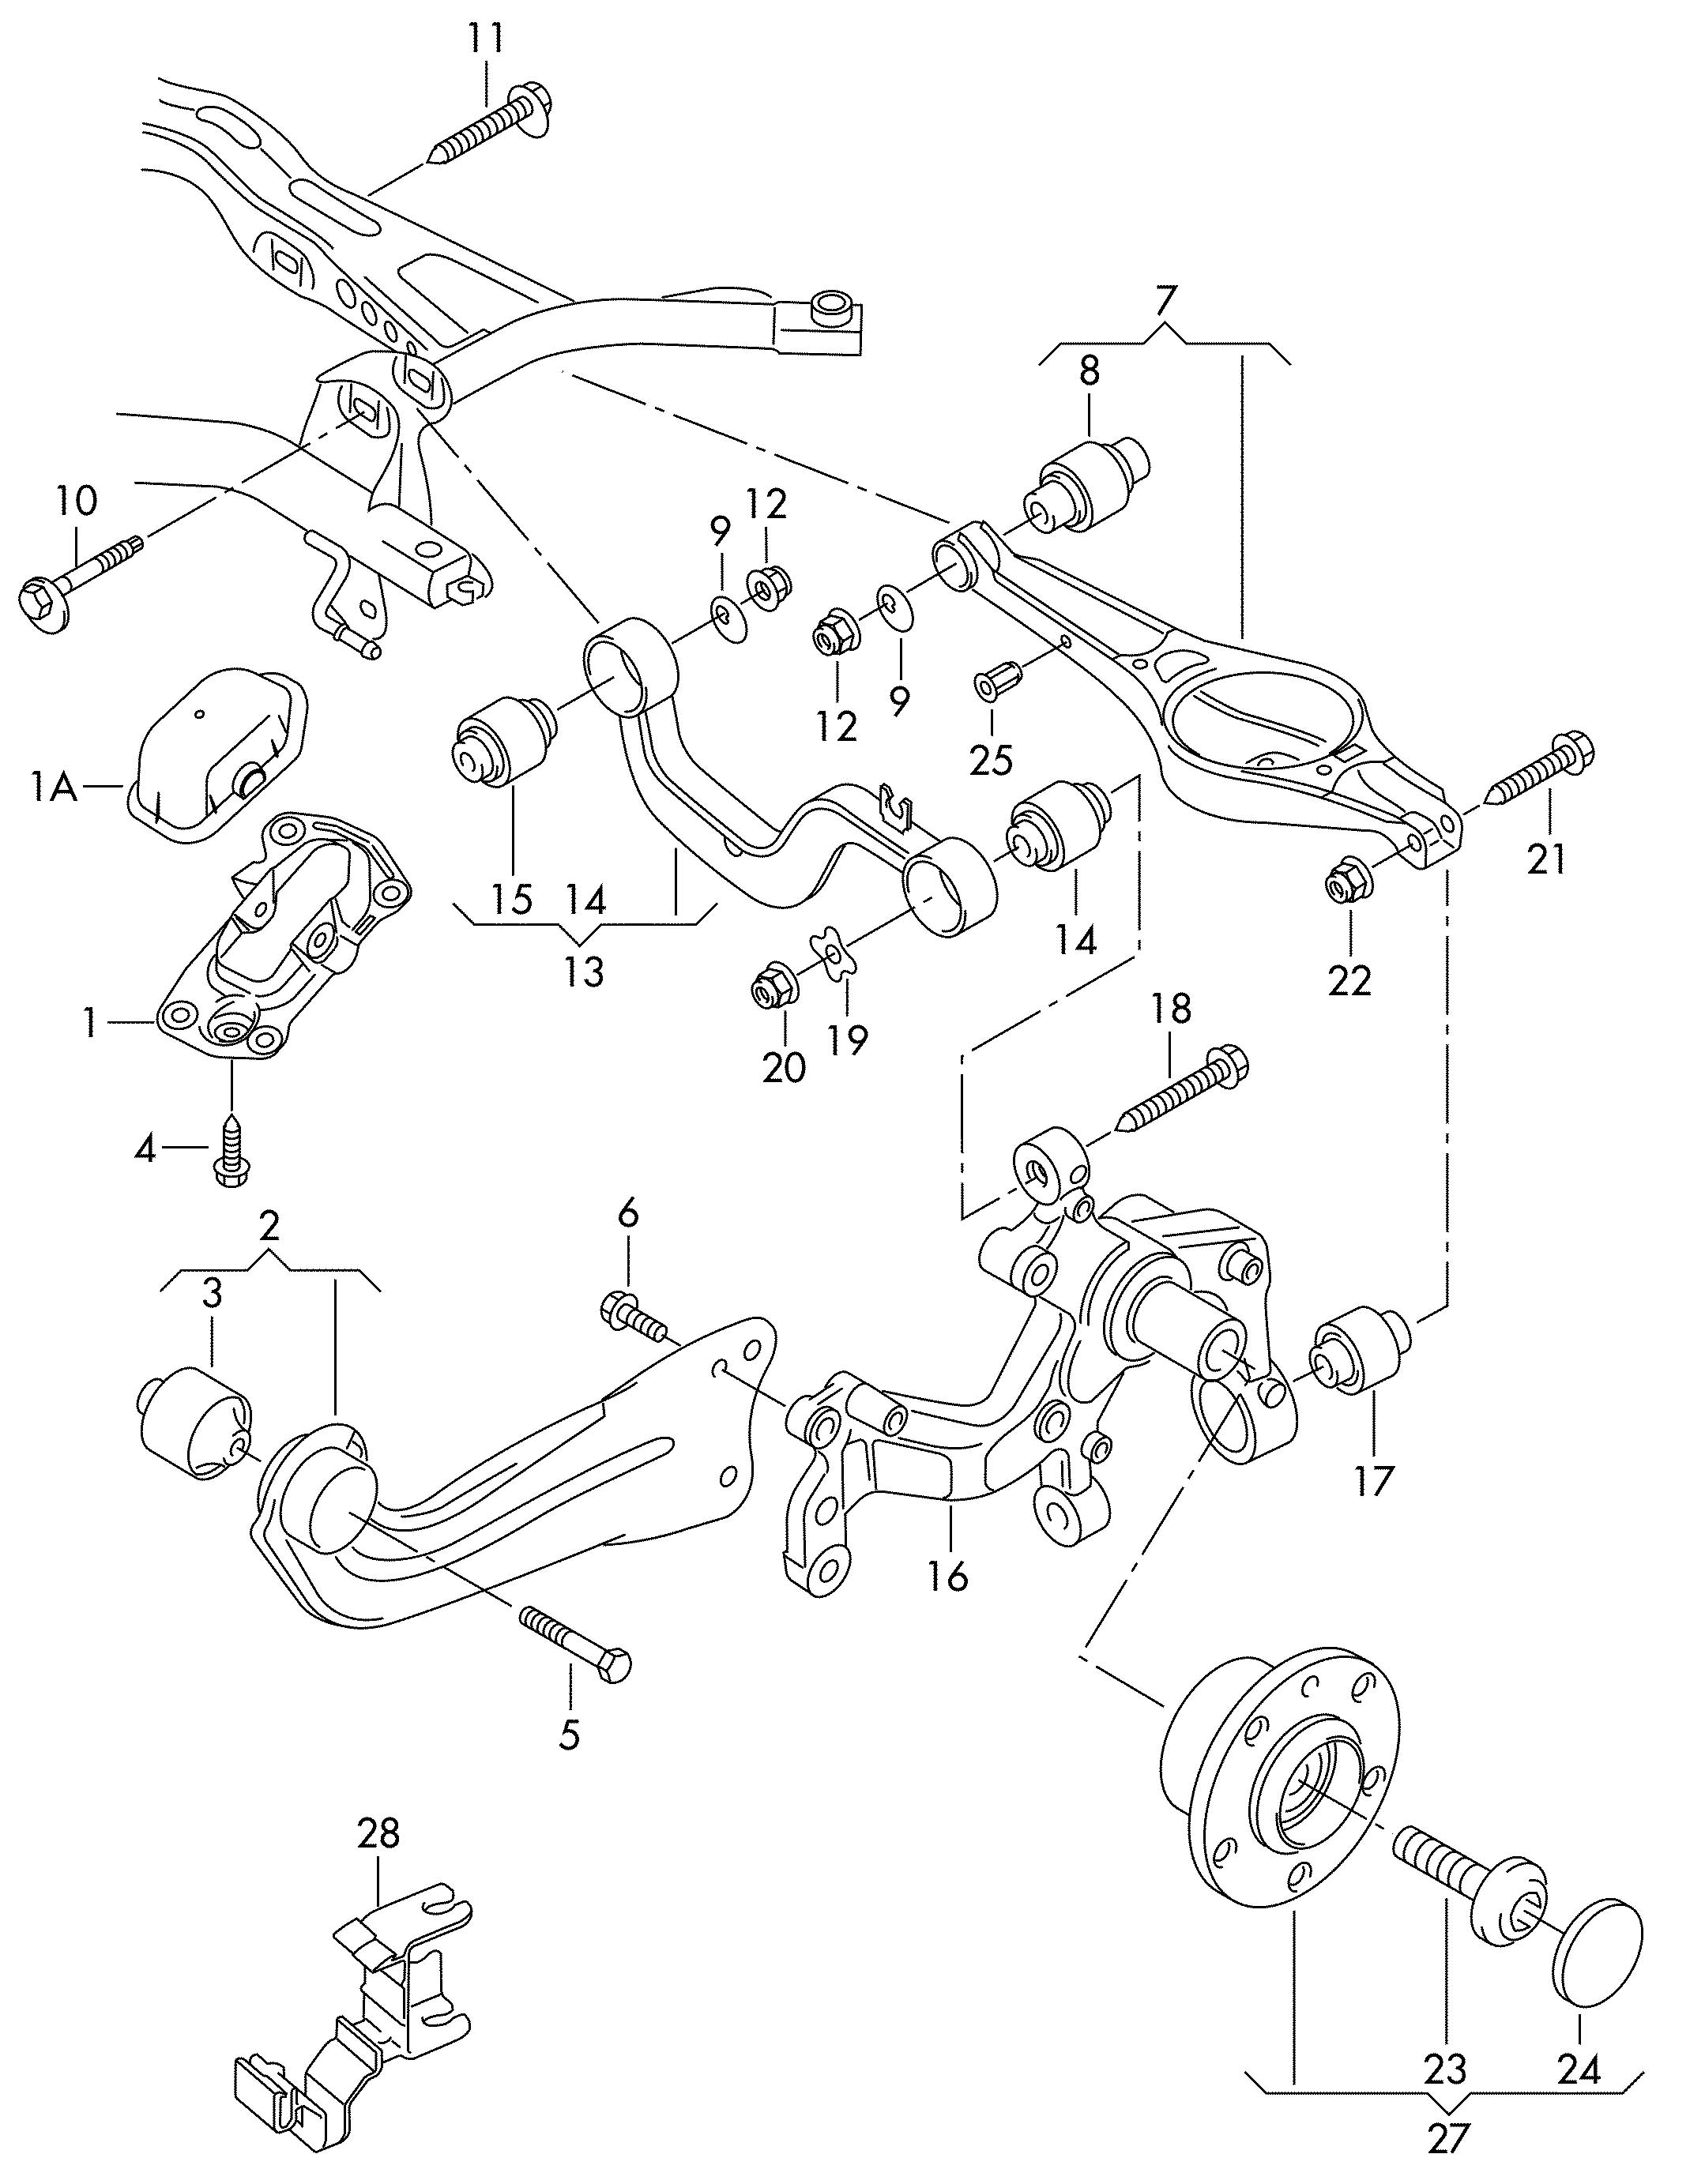 2012 Volkswagen Harness for speed bracket sensor. HARNESS